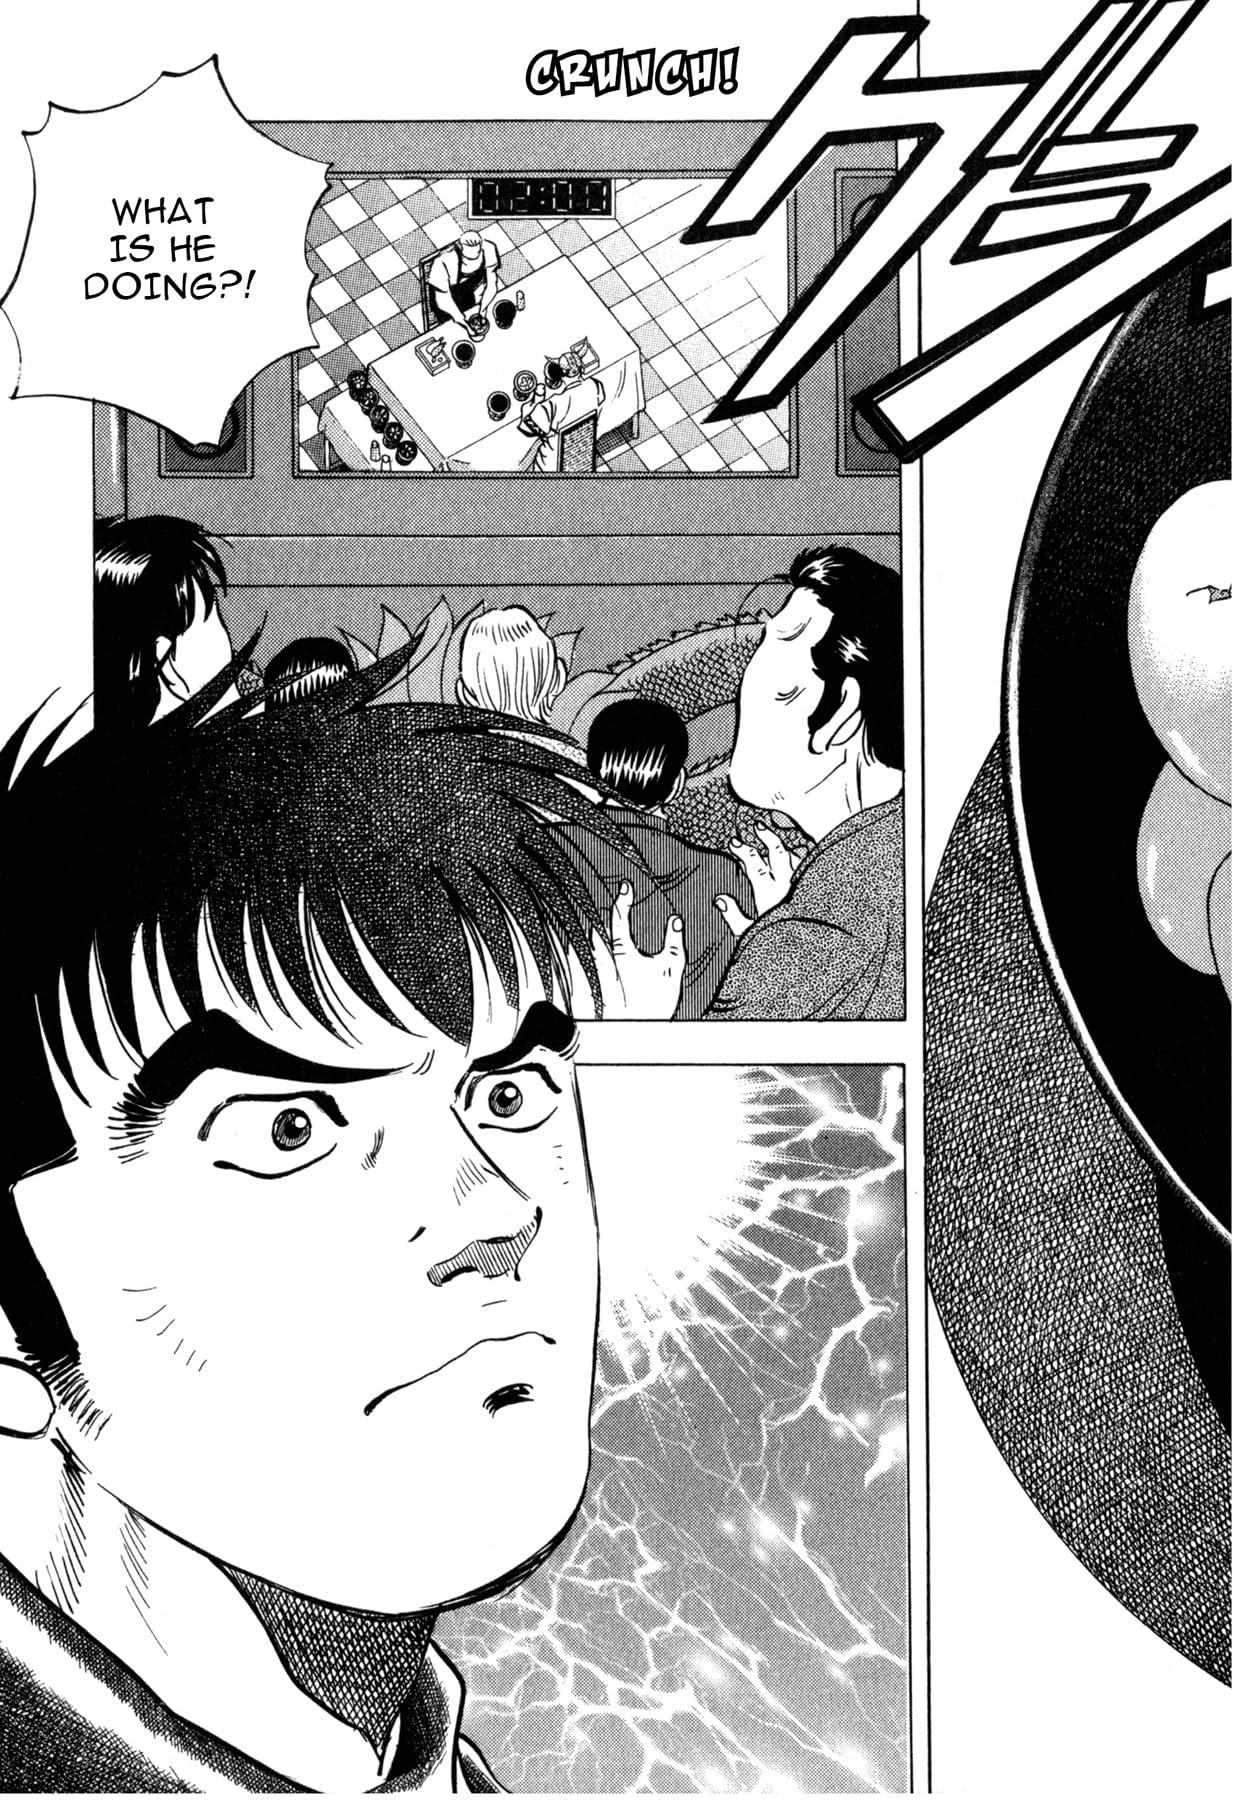 Kuishinbo! #182